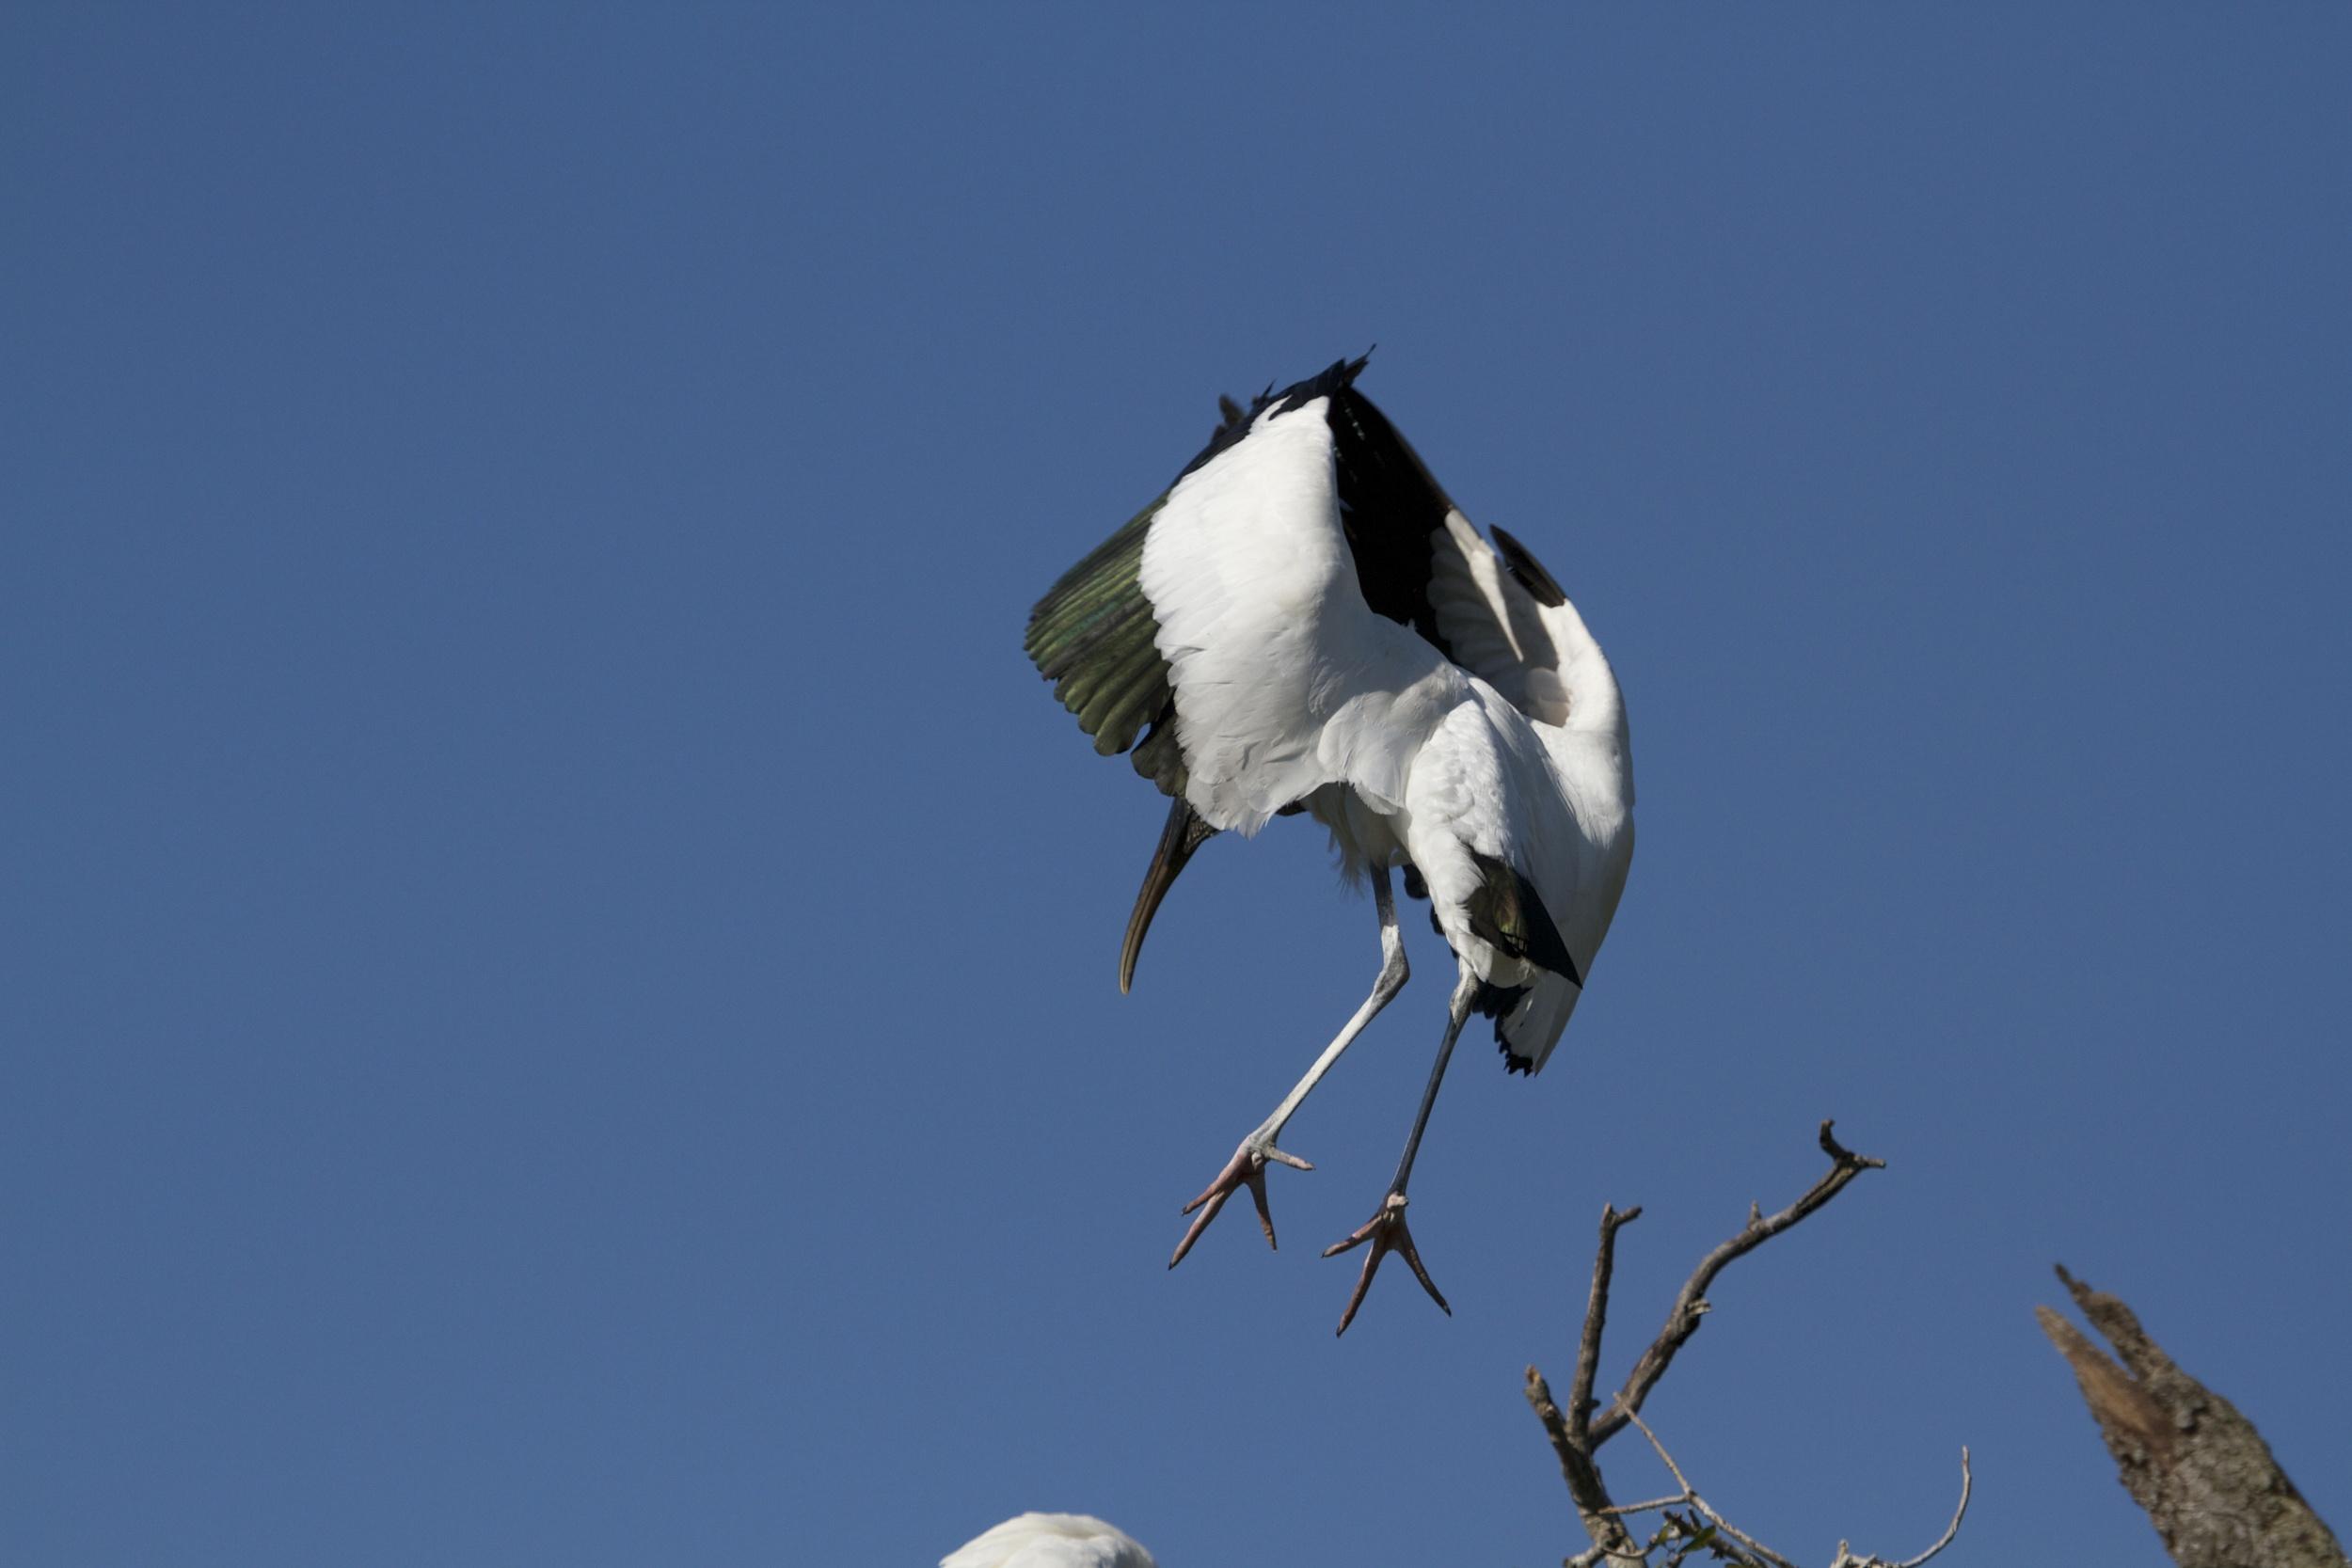 Nest in sight. Full Flaps..descending..